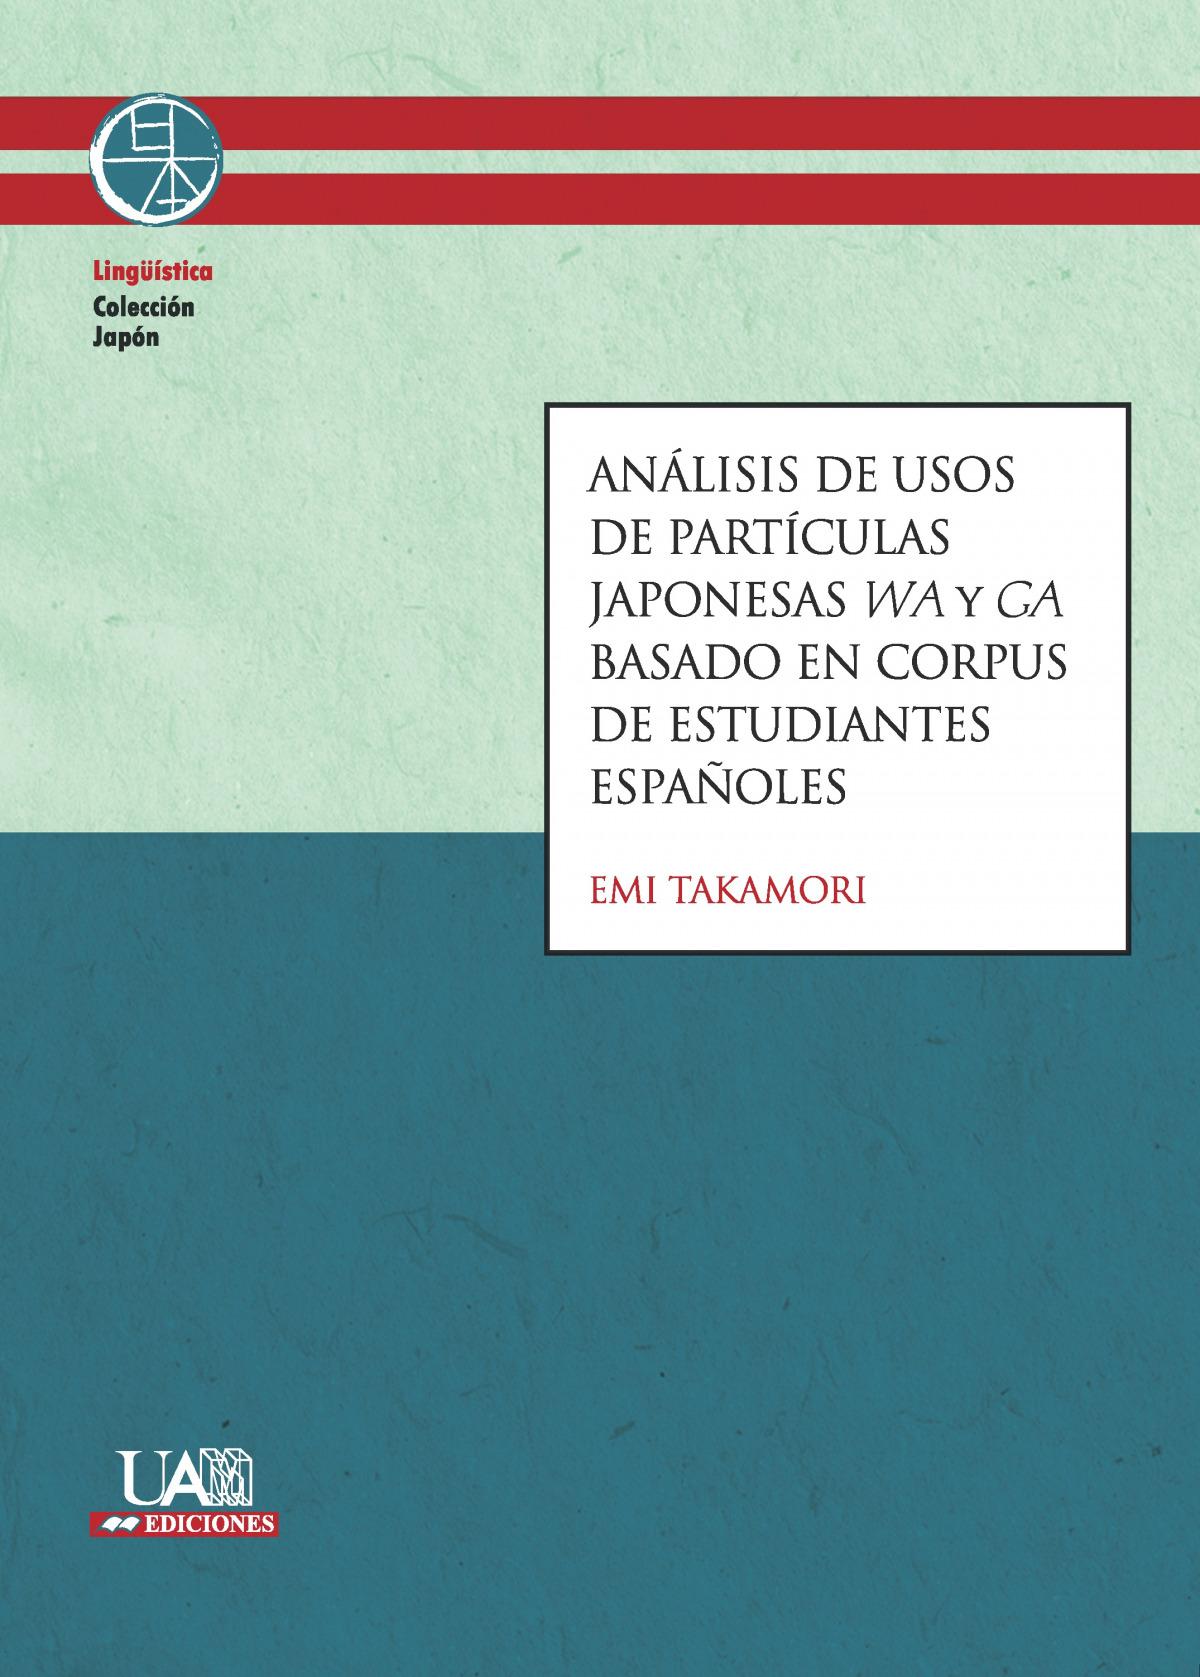 Análisis de usos de partículas japonesas wa y ga basado en corpus de estudiantes españoles